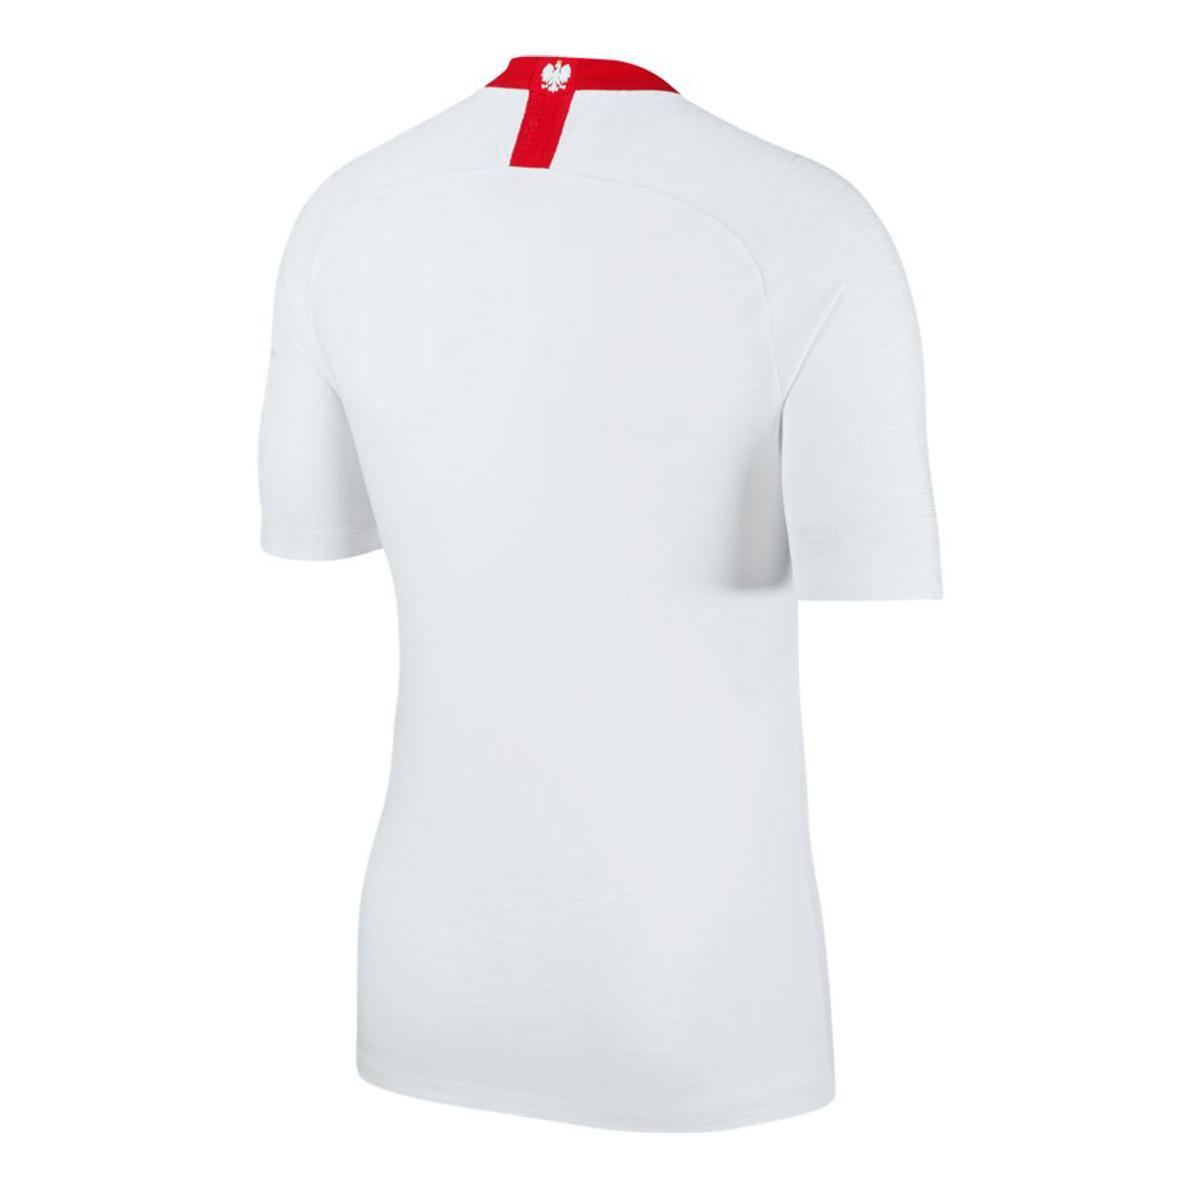 Camiseta Nike Selección Polonia Vapor Match SS DSR 2019 2020